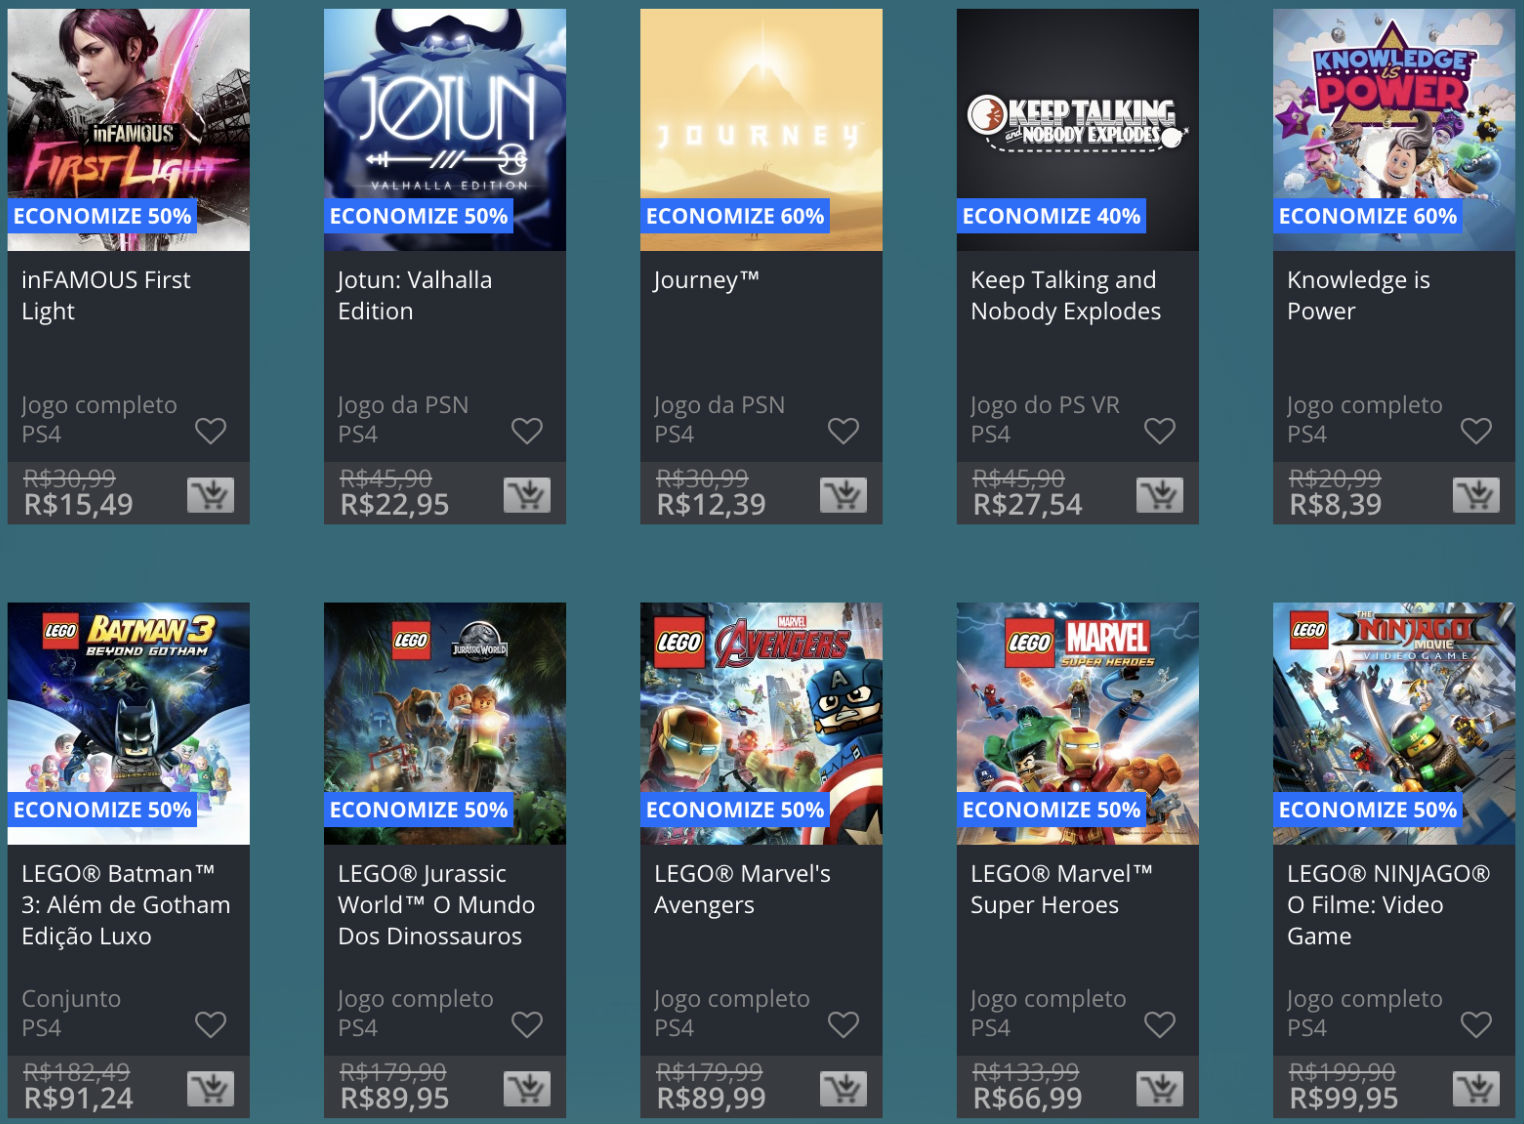 Promoção de Meio do Ano na PS Store com mais de 600 itens com preços que variam de R$ 10 a R$ 200 15